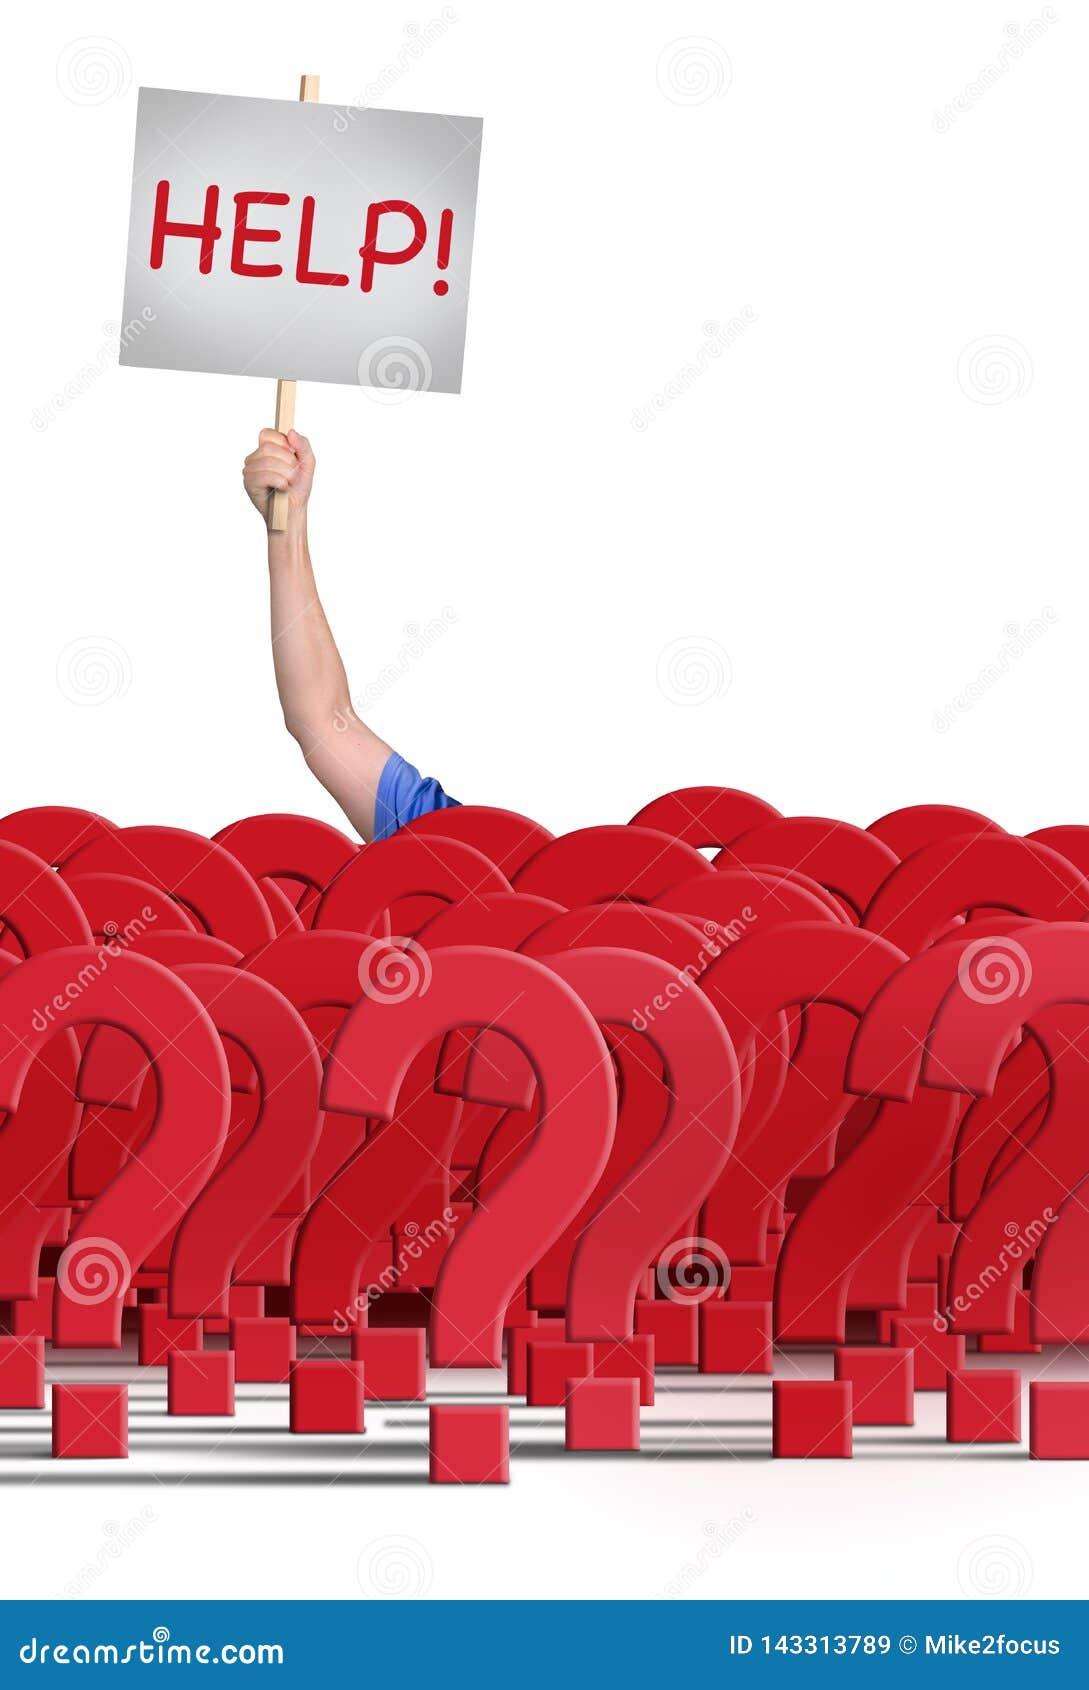 ΒΟΗΘΕΙΑ εκμετάλλευσης ατόμων! σημάδι πίσω από έναν τεράστιο τοίχο των ερωτηματικών